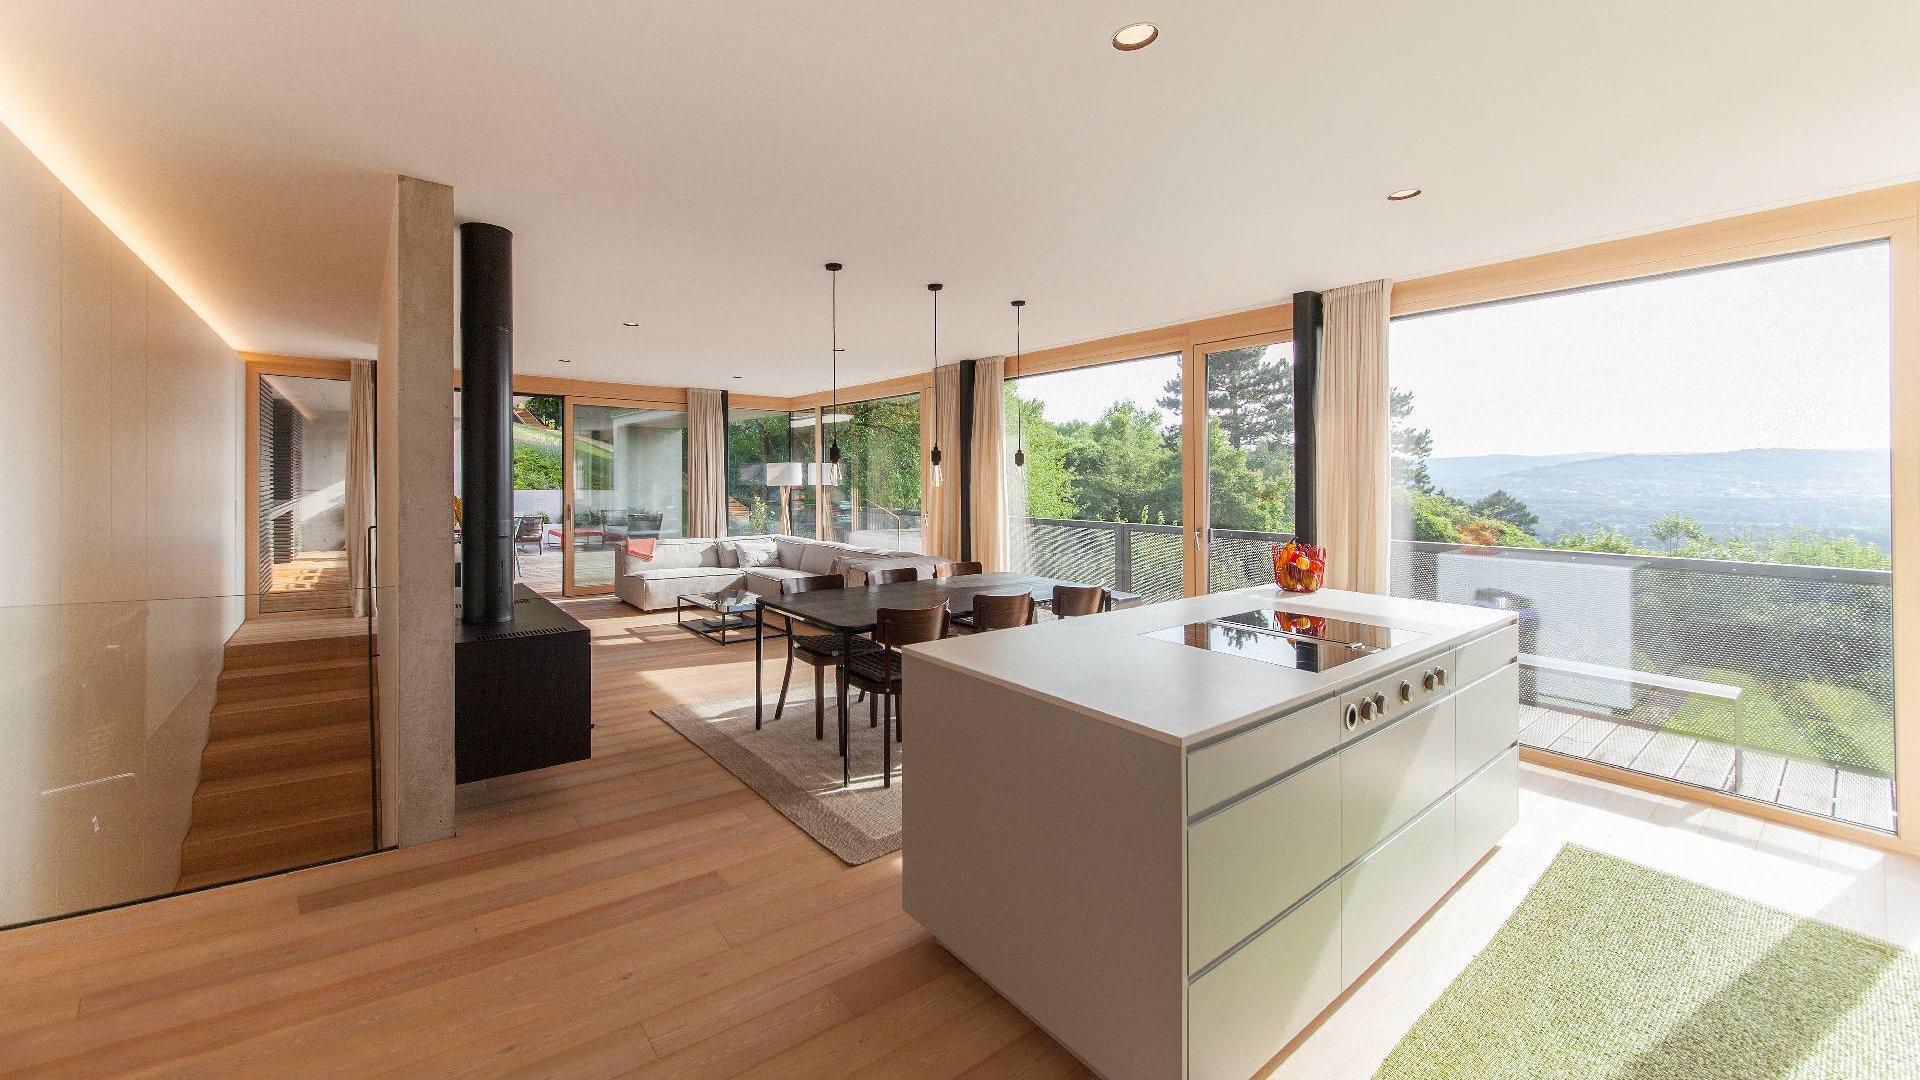 ©Romana Fürnkranz / Innenansicht Küche mit Wohnbereich